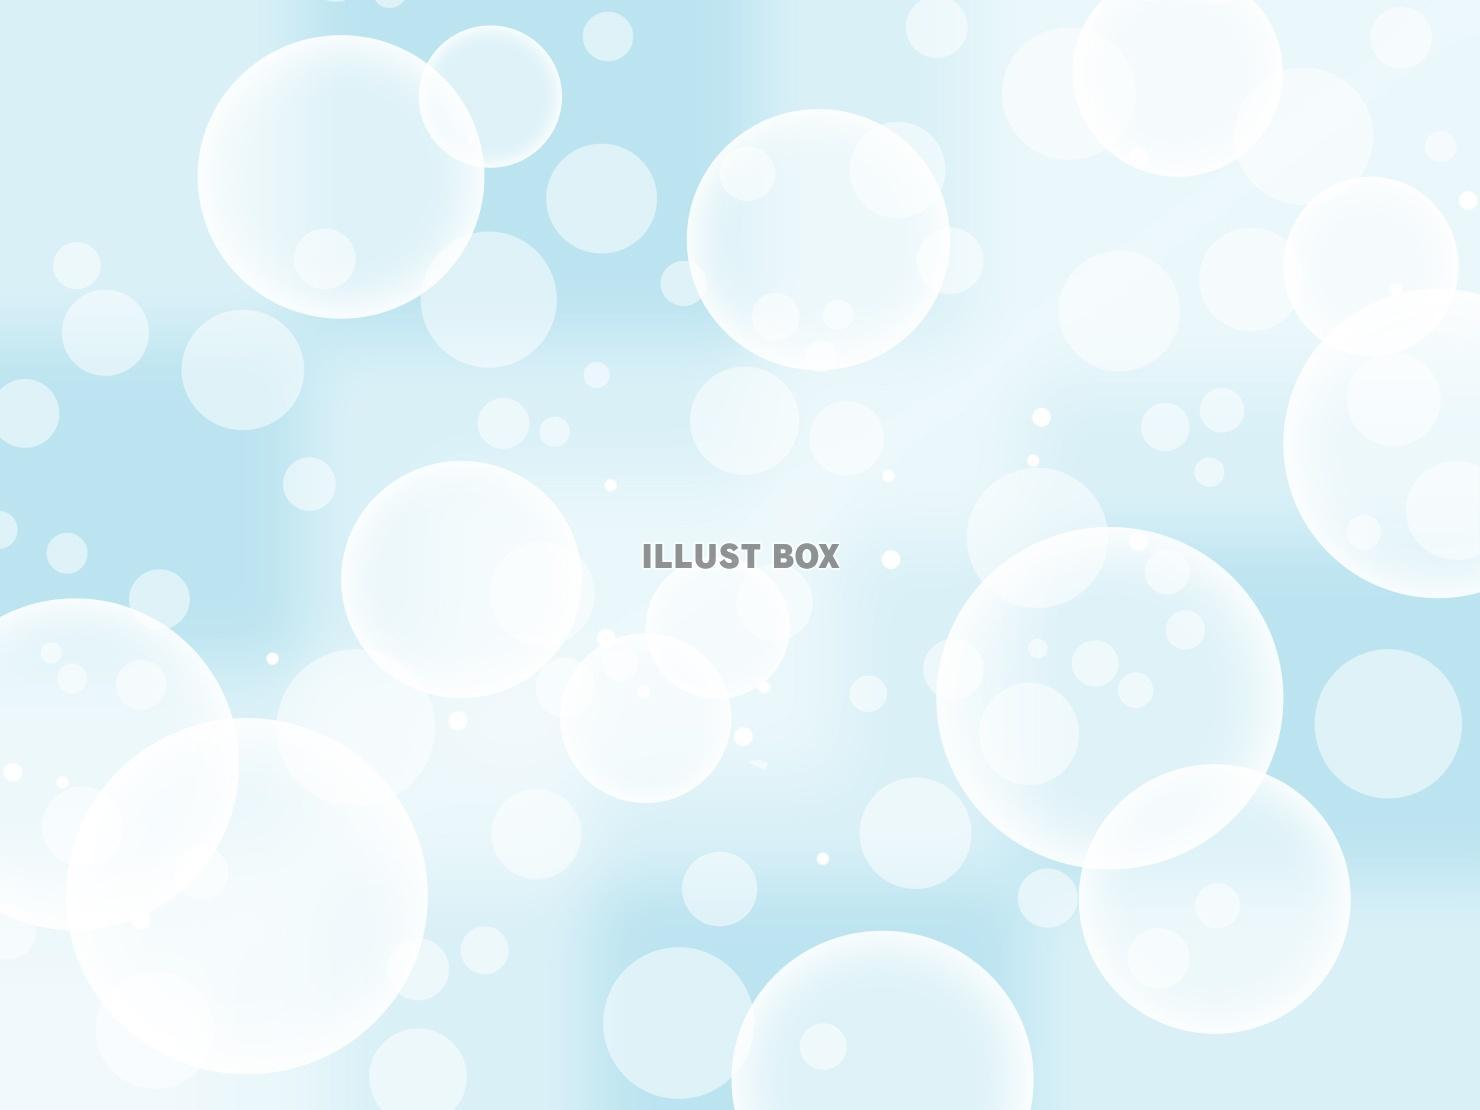 無料イラスト 幻想的な水玉模様の壁紙 バブル柄背景素材イラスト